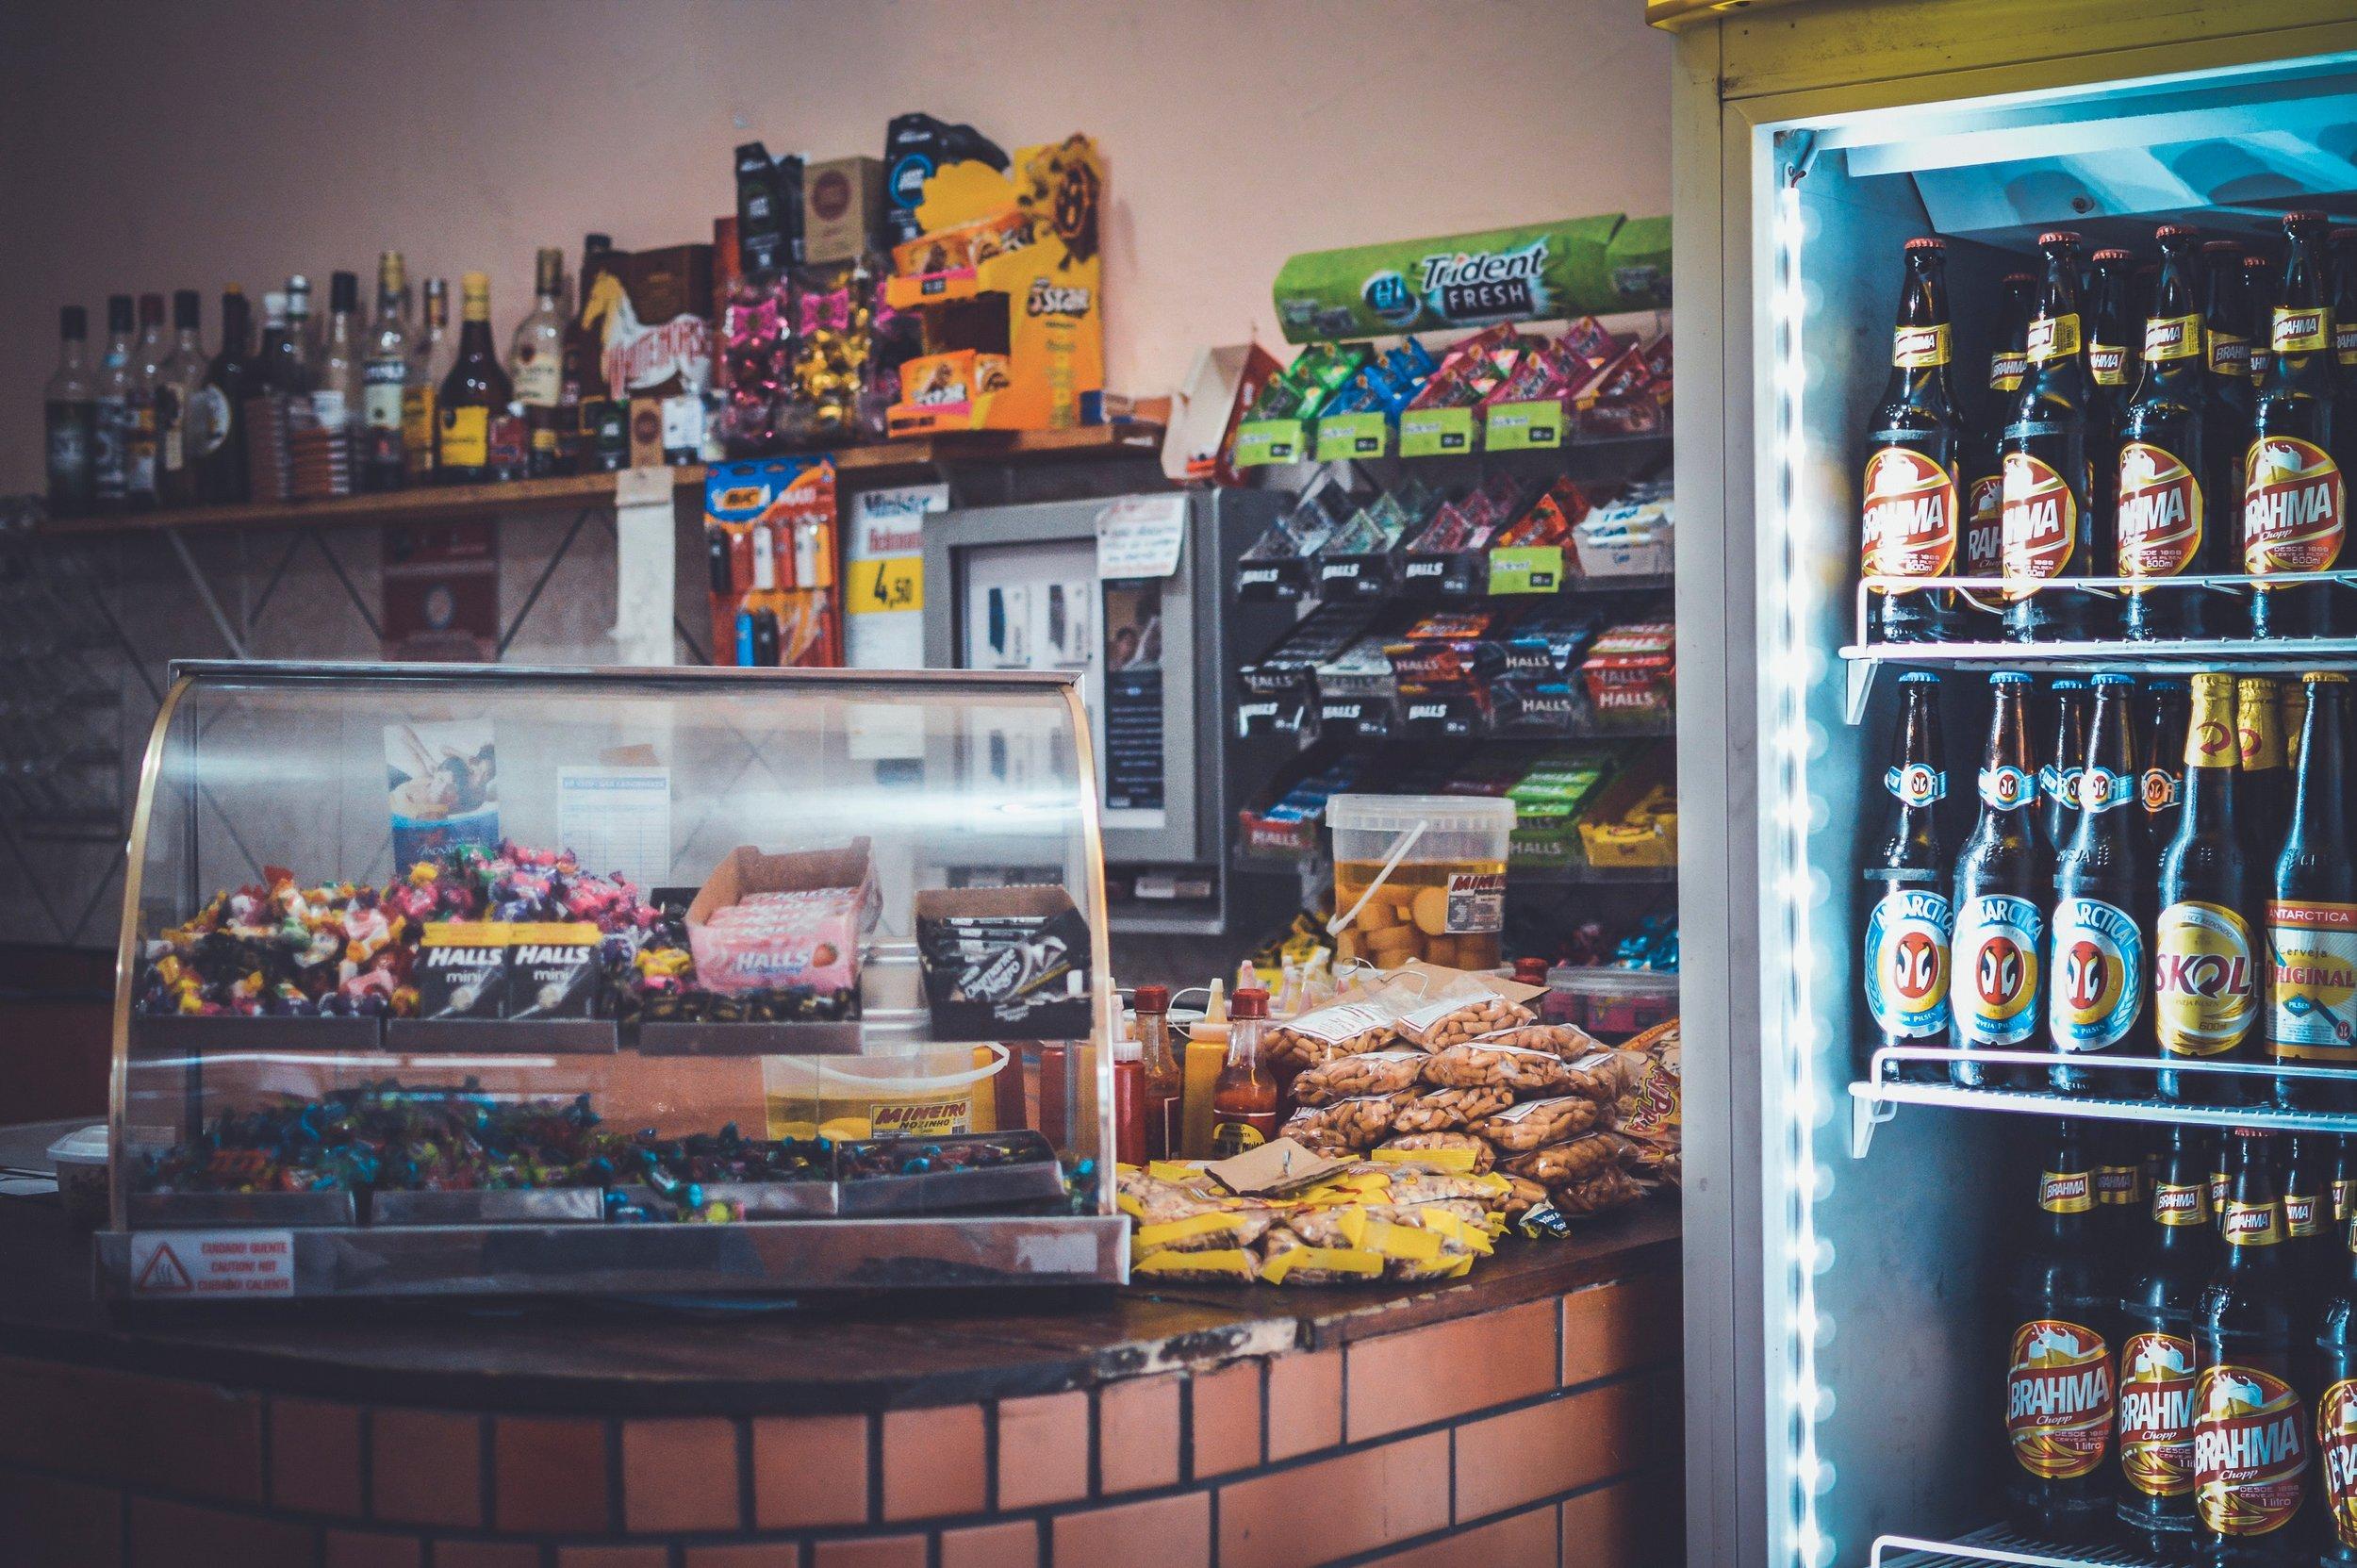 bar-beers-bottles-64613.jpg